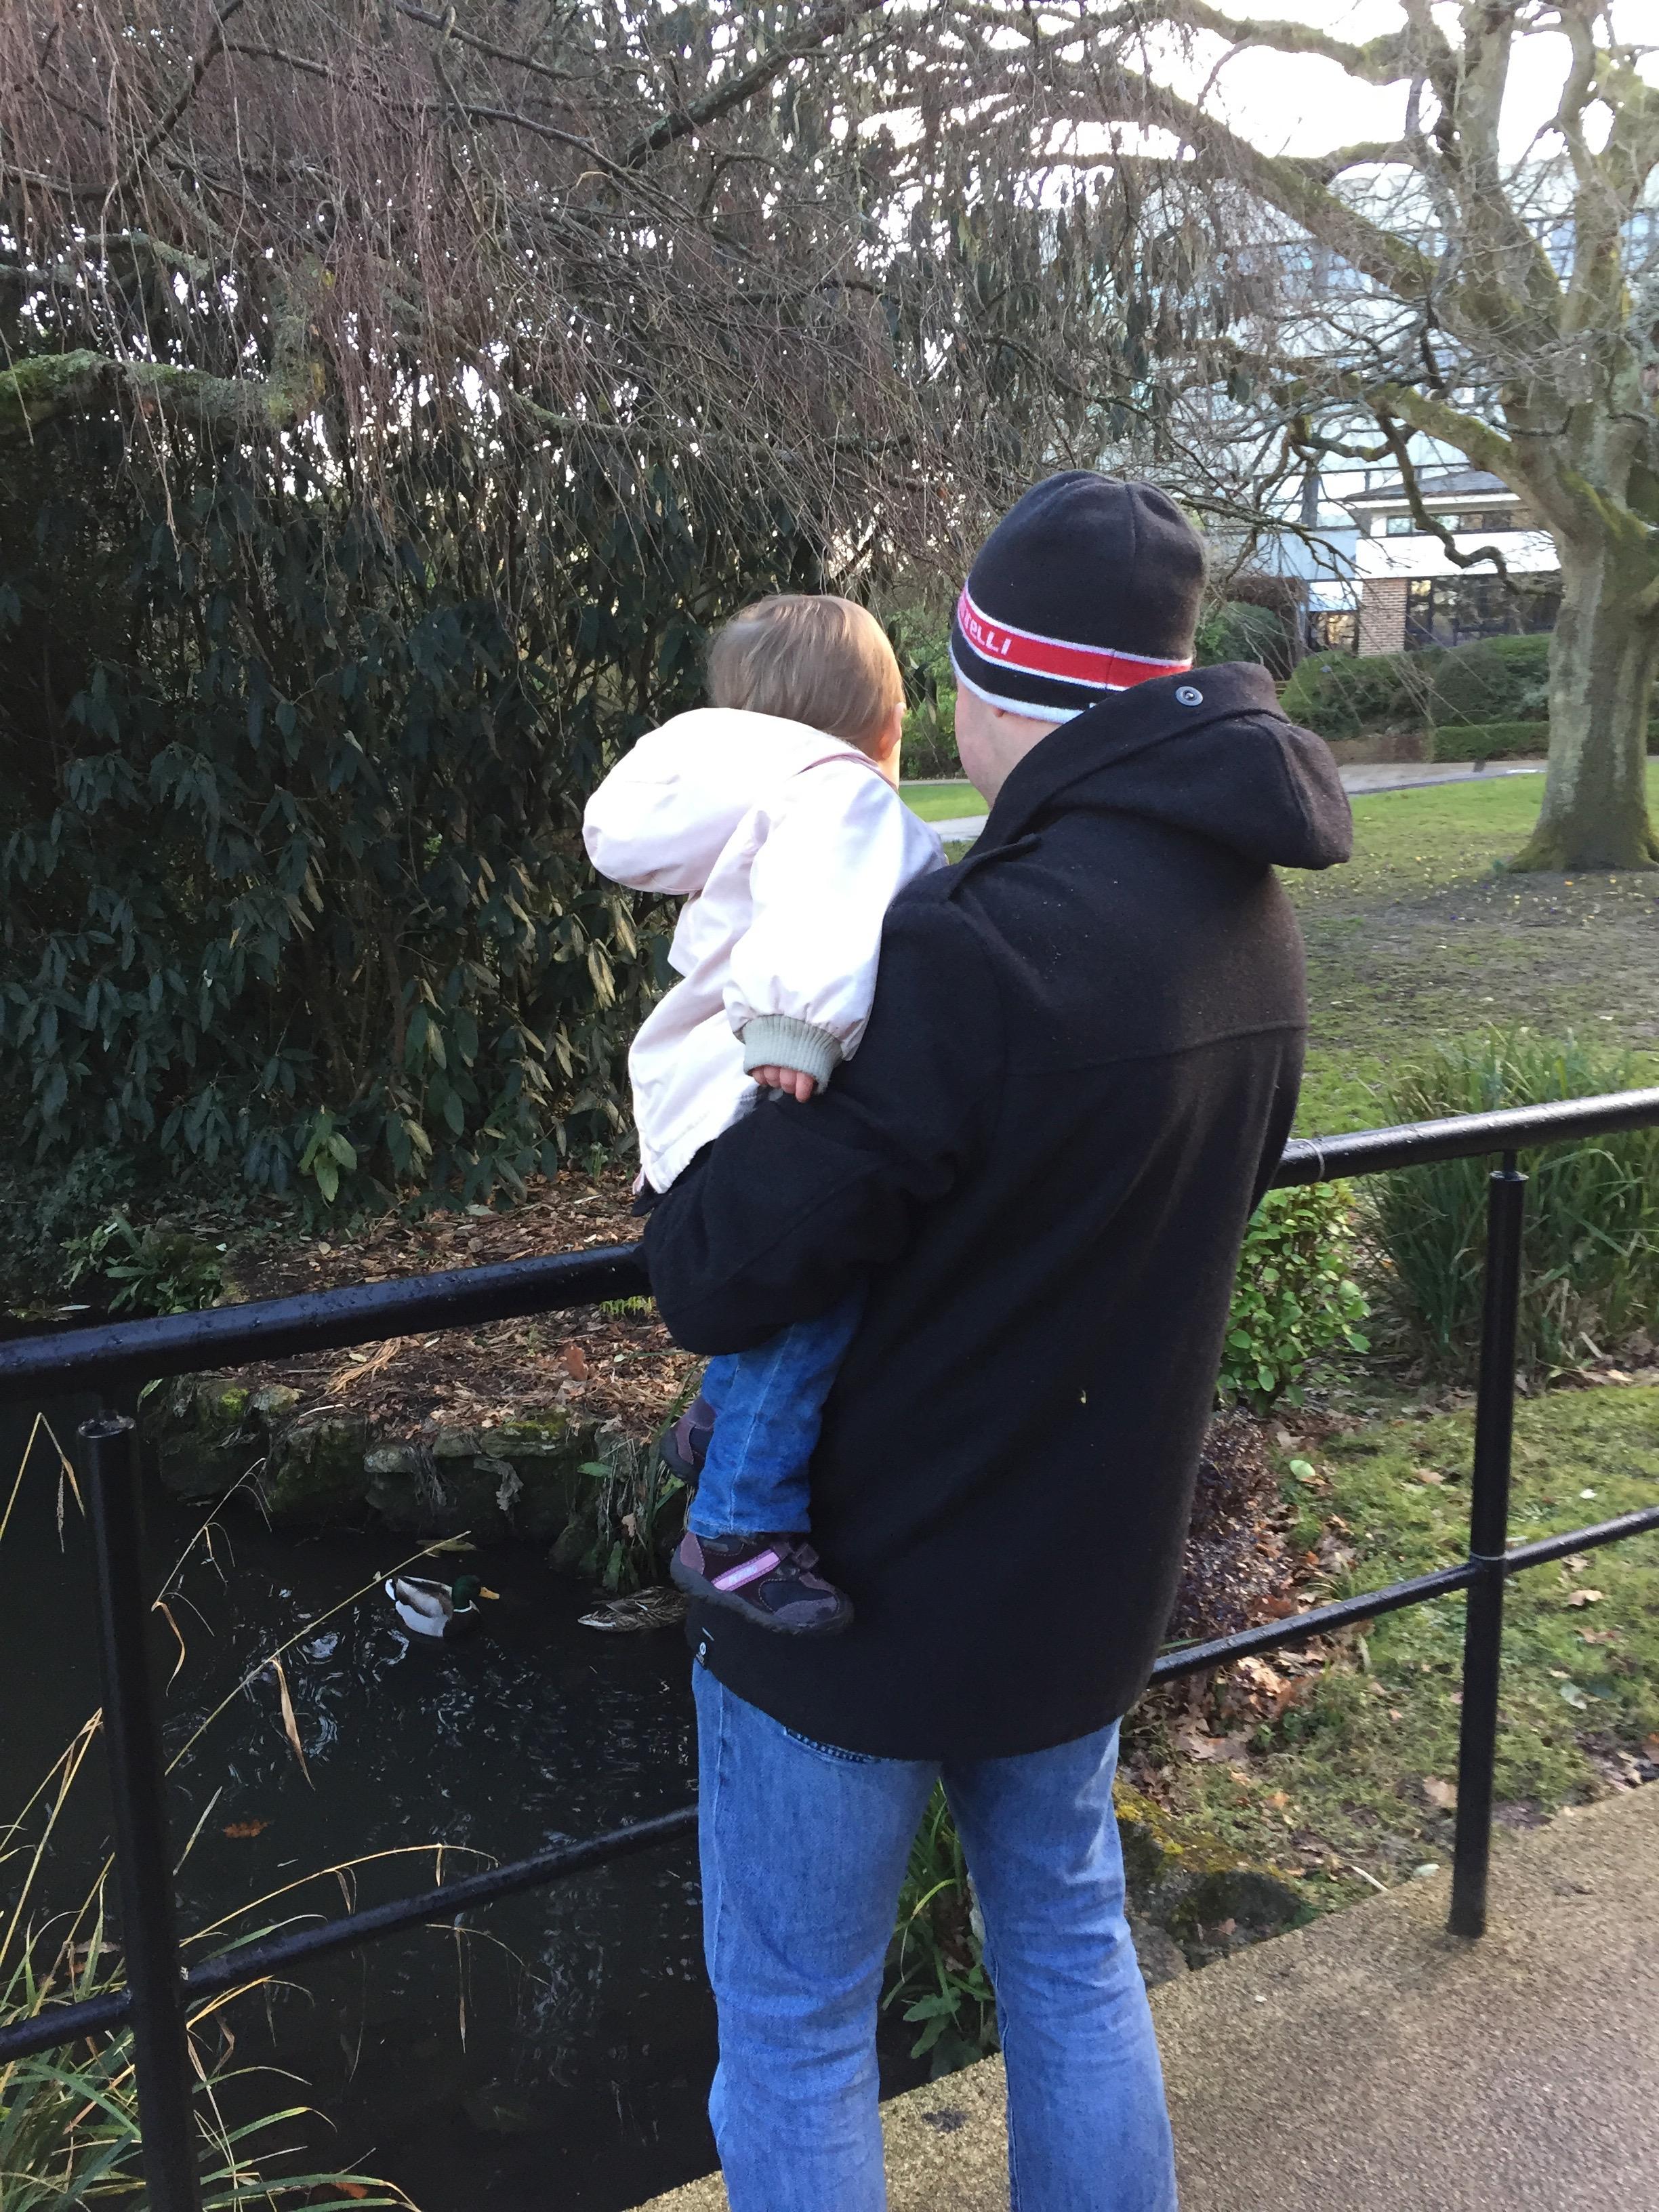 Stu and M watching the ducks.